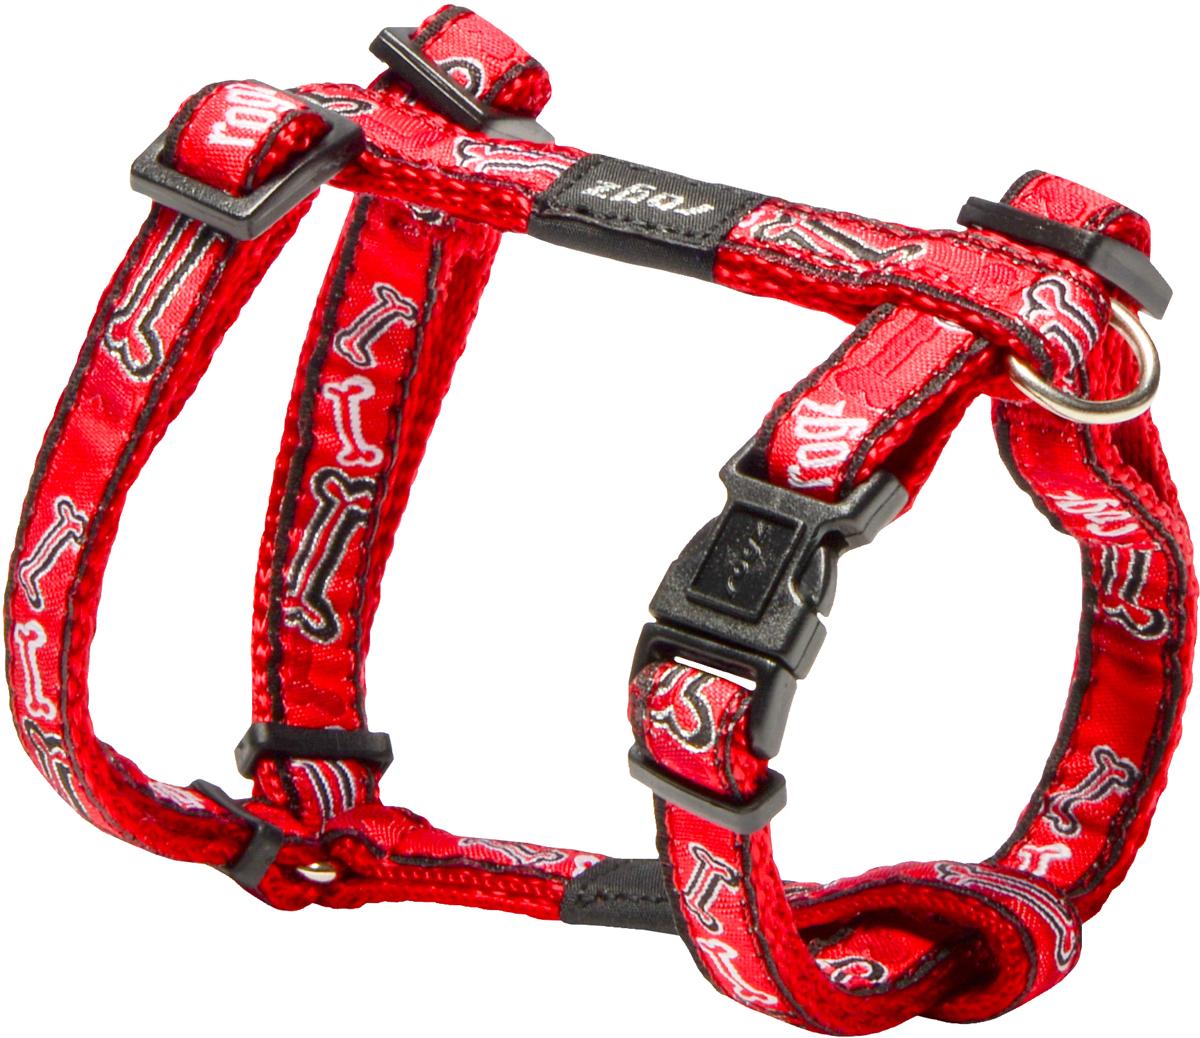 Шлейка для собак Rogz Fancy Dress, цвет: красный, ширина 1,1 см0120710Шлейка для собак Rogz Fancy Dress имеет необычный дизайн. Широкая гамма потрясающе красивых орнаментов на прочной тесьме поверх нейлоновой ленты украсит вашего питомца.Застегивается, не доставляя неудобство собаке.Специальная конструкция пряжки Rog Loc - очень крепкая(система Fort Knox). Замок может быть расстегнут только рукой человека.С помощью системы ремней изделие подгоняется под животного индивидуально.Необыкновенно крепкая и прочная шлейка.Выполненные по заказу литые кольца выдерживают значительные физические нагрузки и имеют хромирование, нанесенное гальваническим способом, что позволяет избежать коррозии и потускнения изделия.Легко можно прикрепить к ошейнику и поводку.